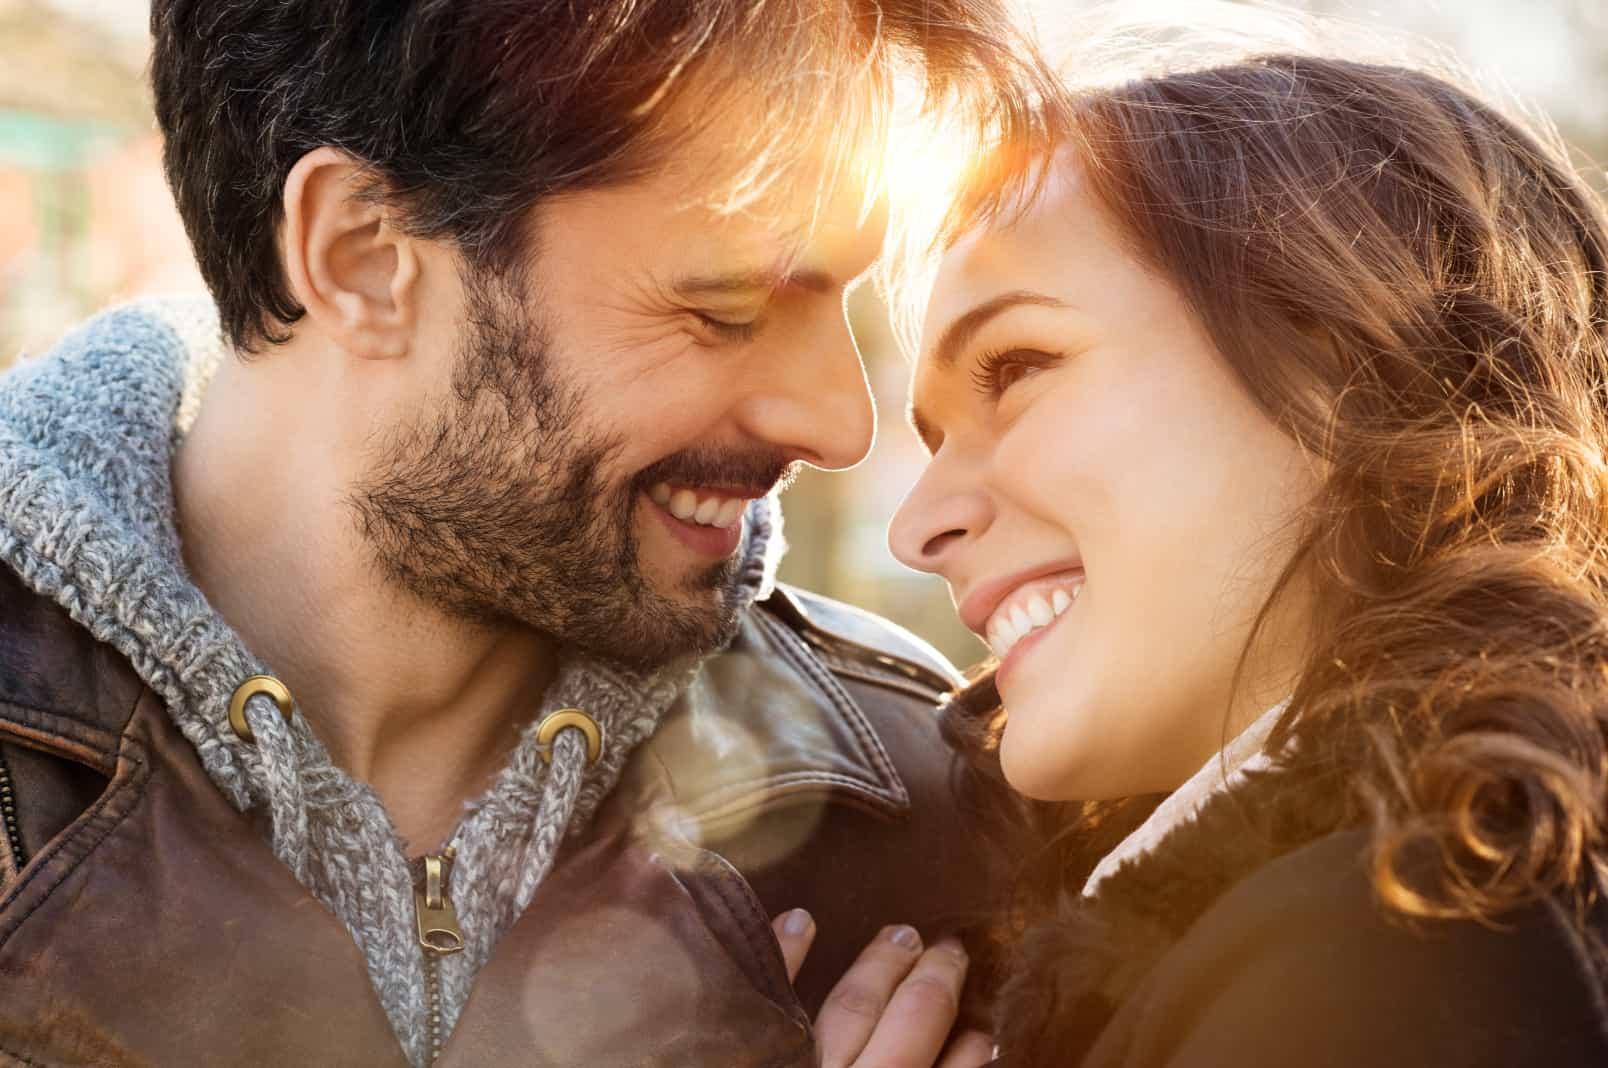 ein schönes junges Paar lacht